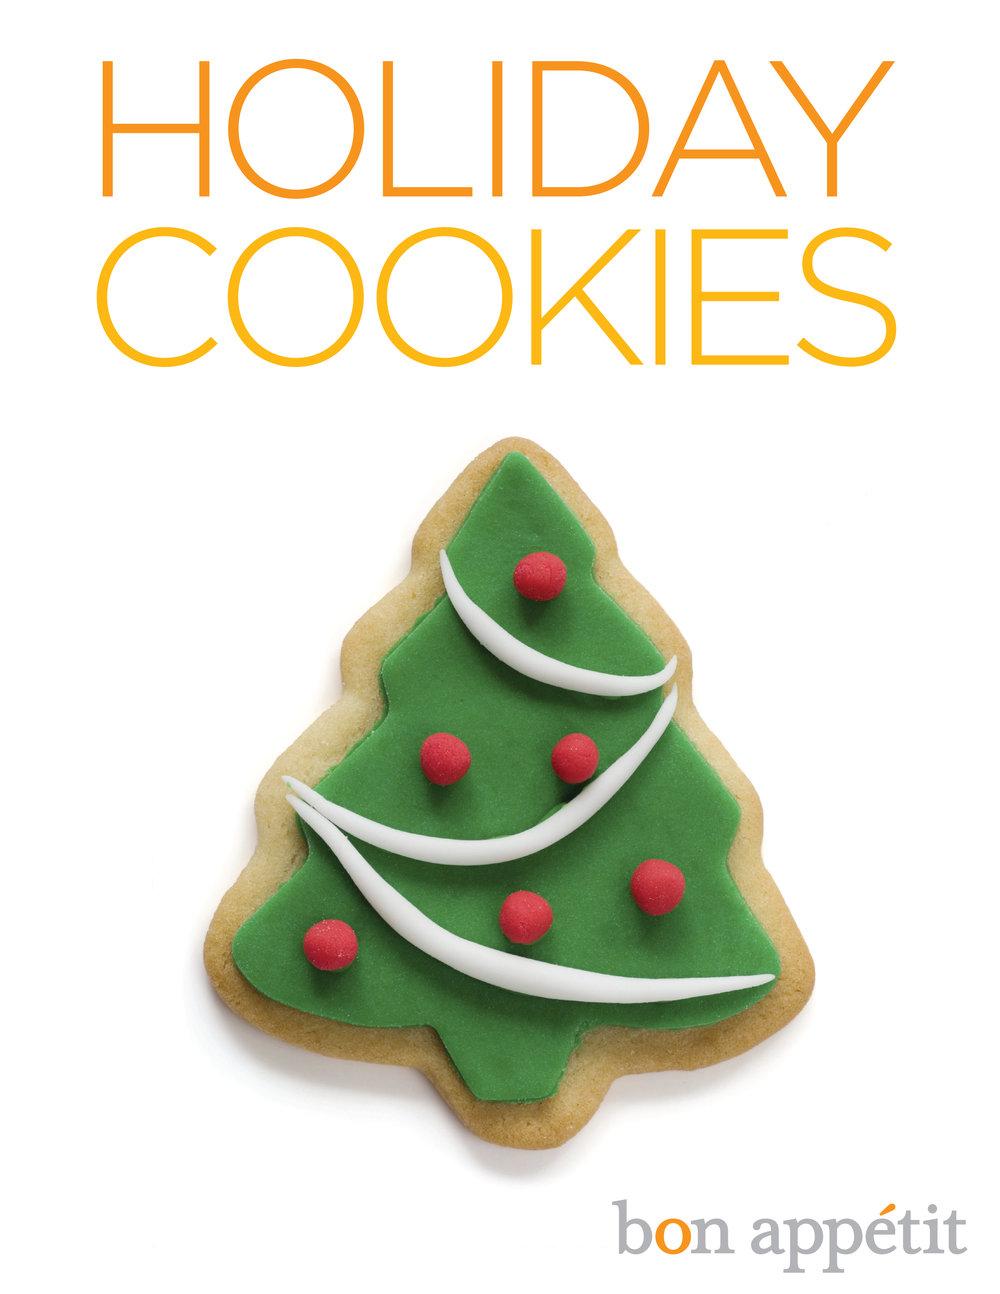 HolidayCooikies1.jpg